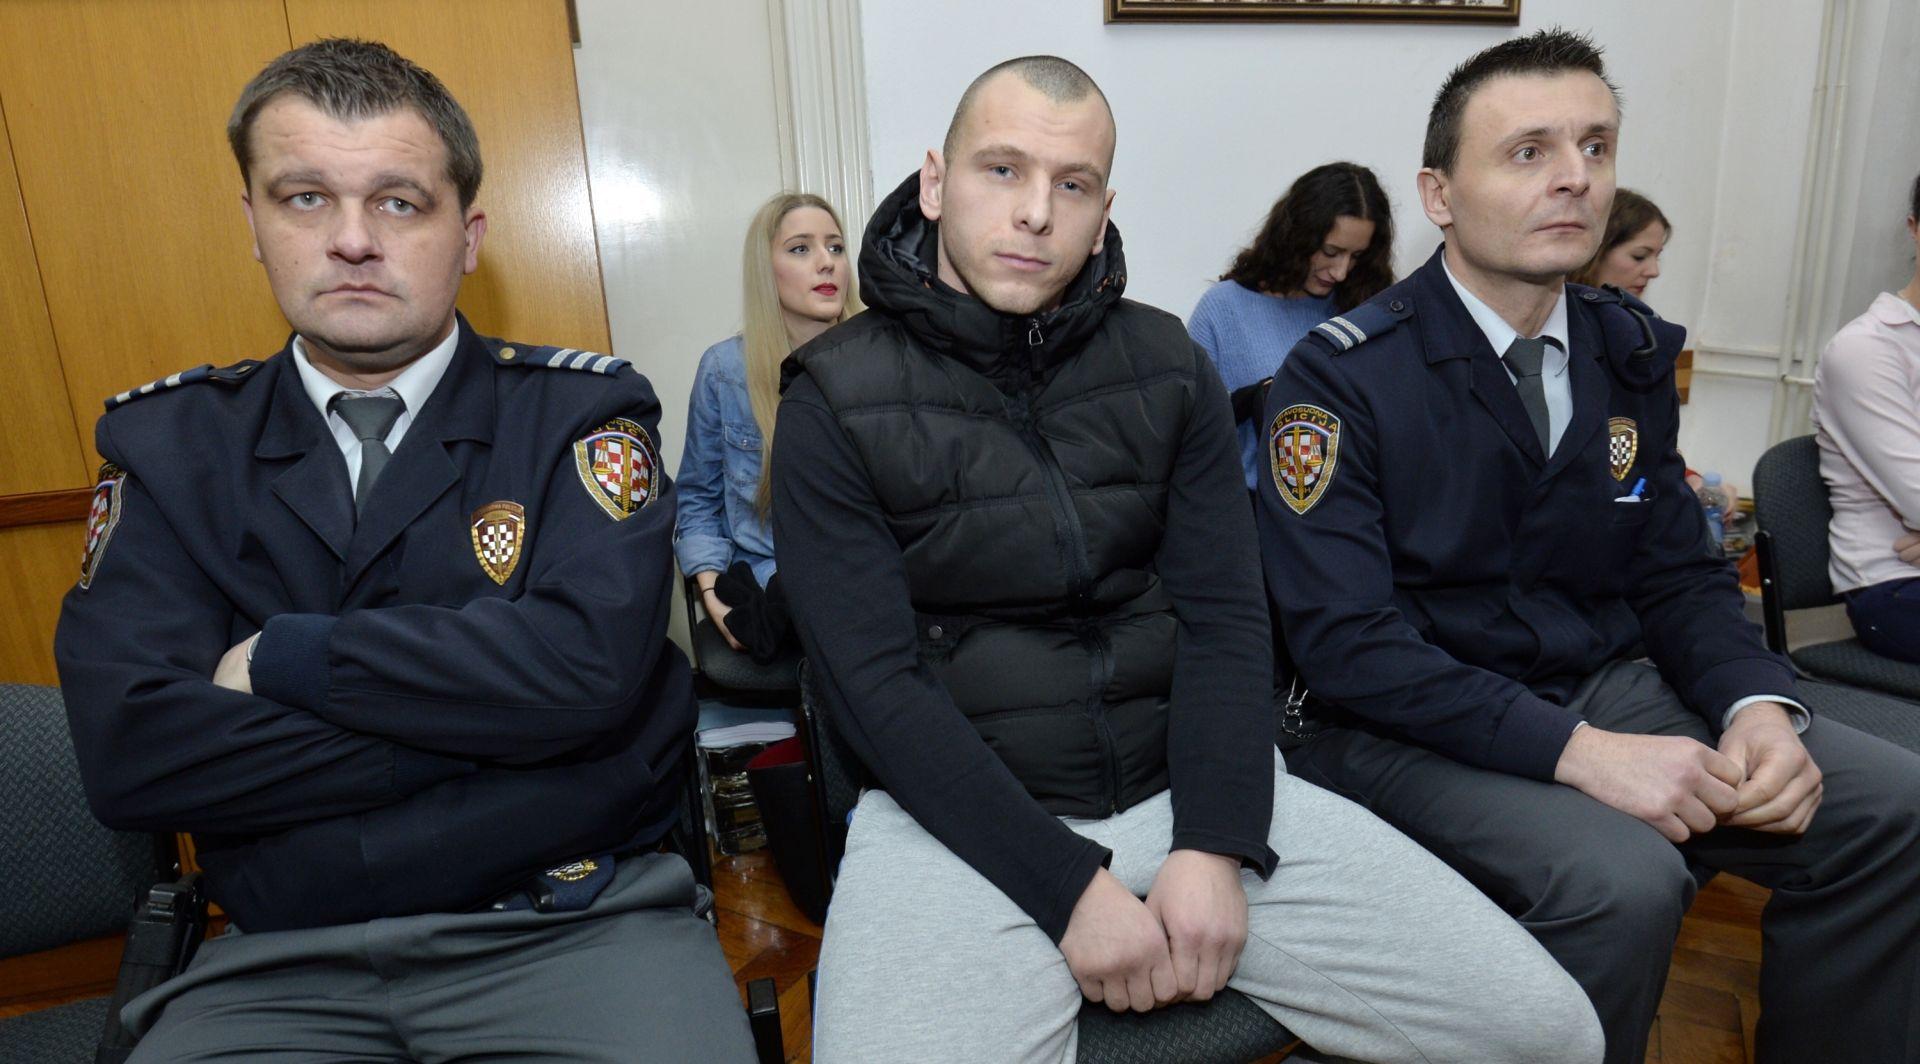 Zbog pokušaja ubojstva trojice BBB-ovaca 'antimamićevaca' 12 godina zatvora